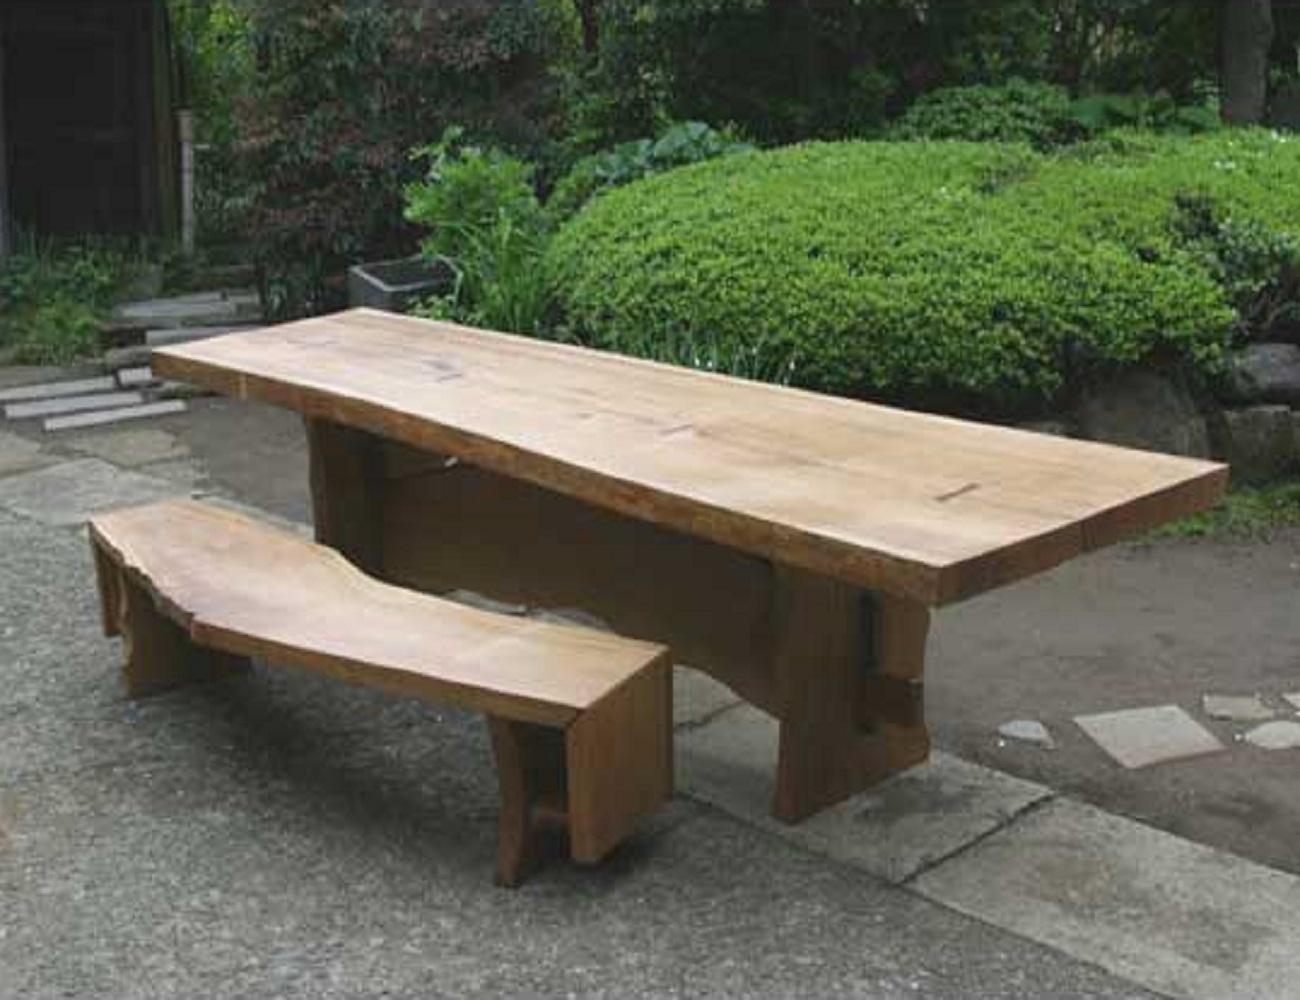 ナラ無垢材の1枚板を使用したテーブルとベンチ1